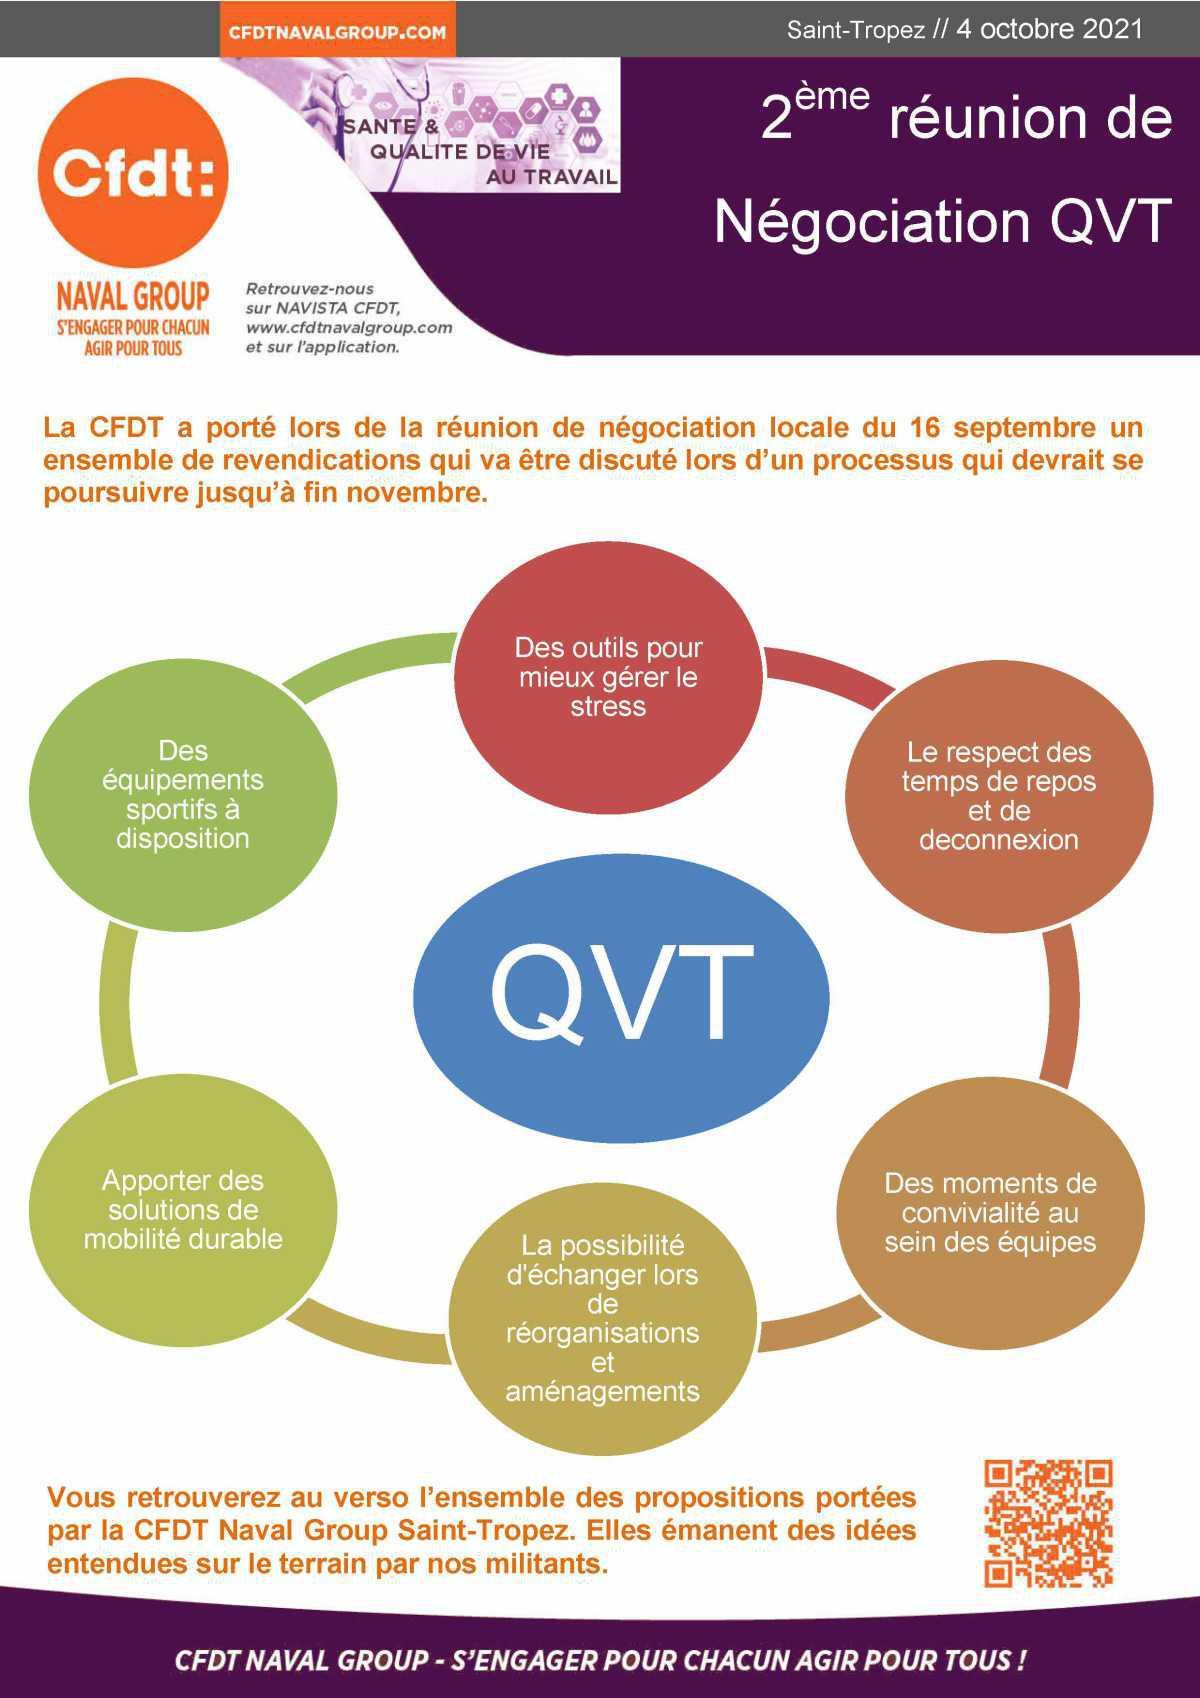 2ième réunion de négociation QVT à Saint-Tropez